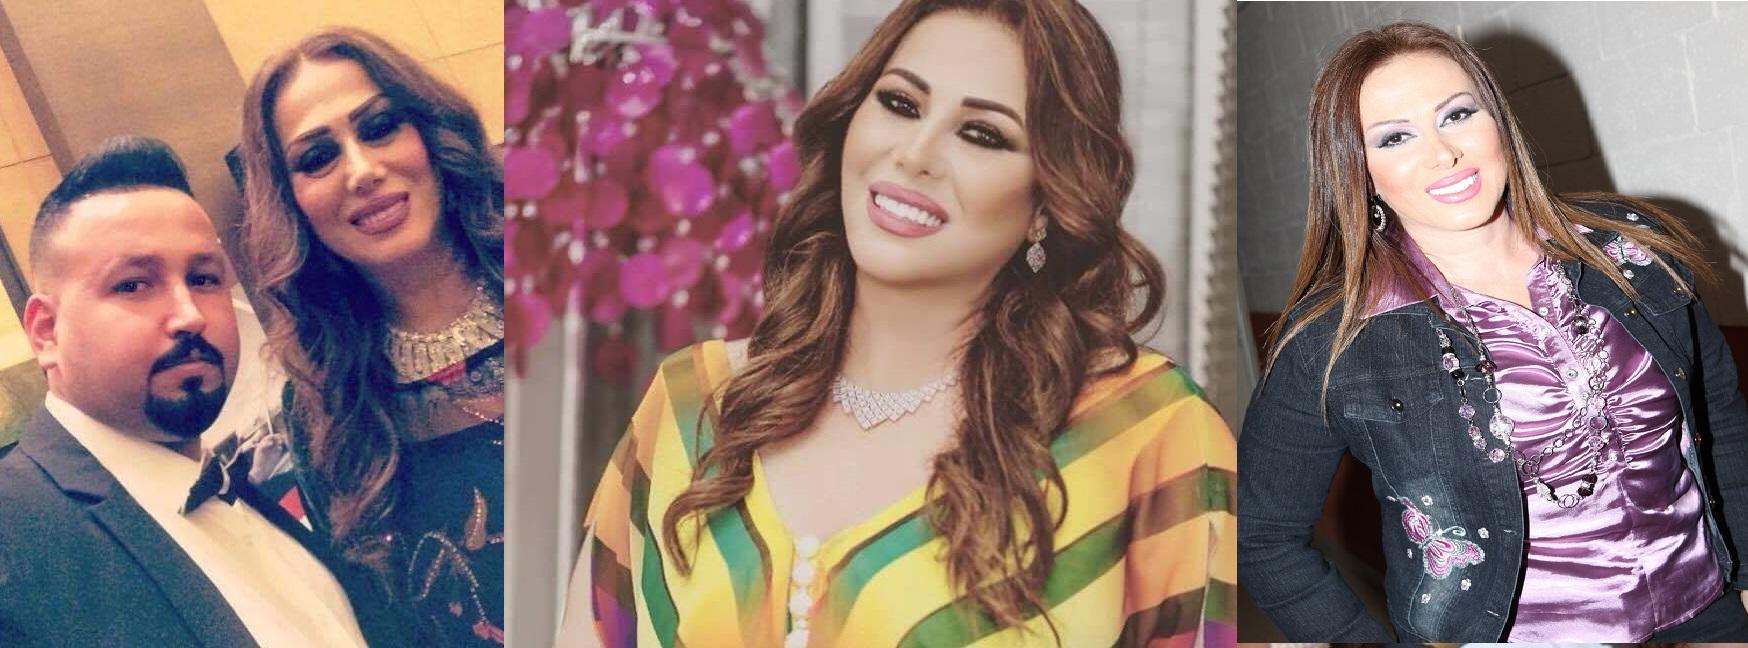 أثبتت قدرتها في الرياضة والإعلام والجمال سوسن السيد  المرأة العربية اكثر جمالا وأناقة من المرأة الاجنبية